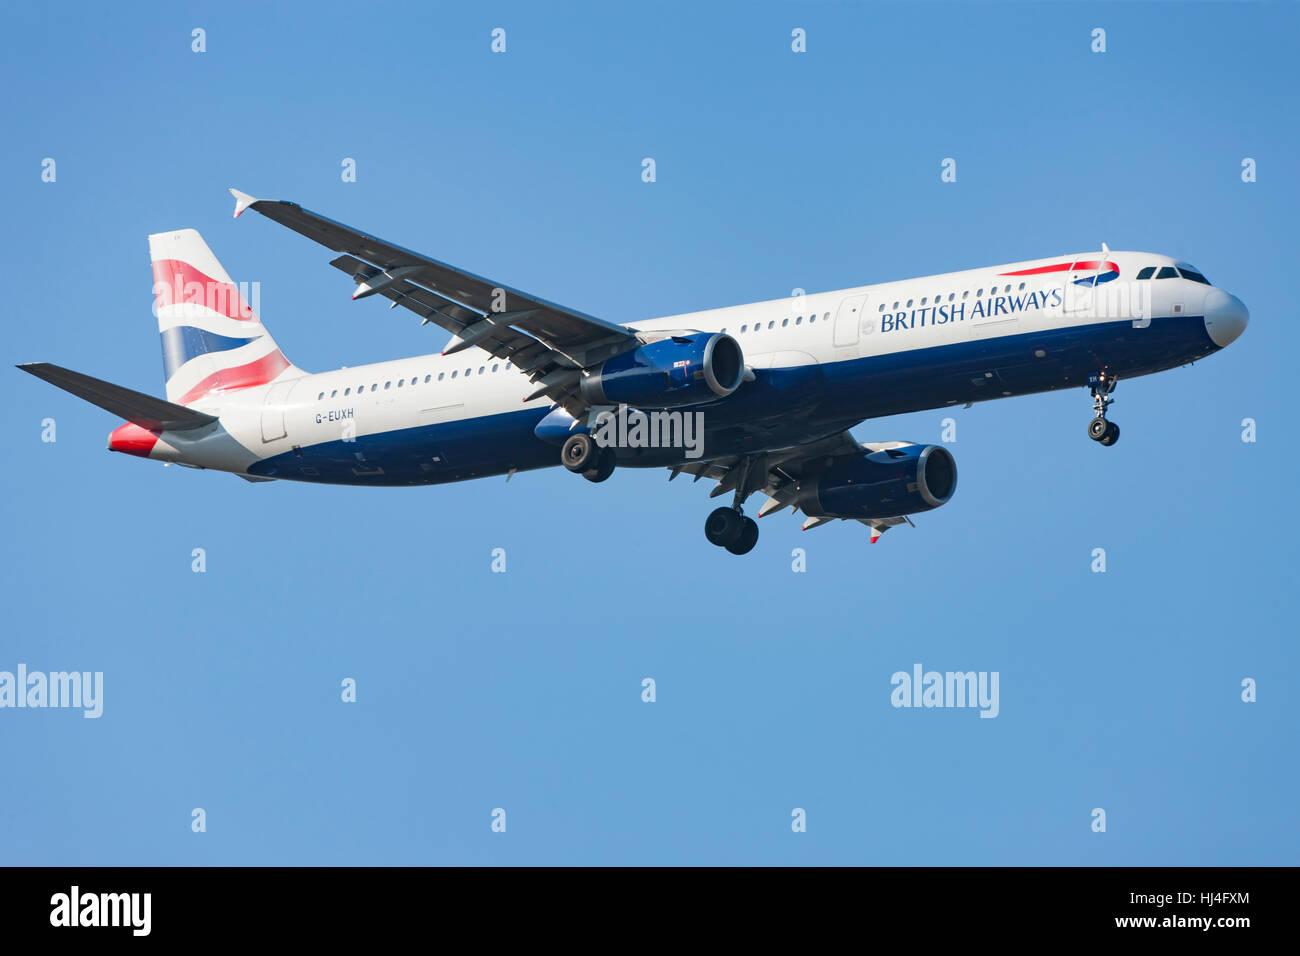 British Airways Flugzeug im Flug, Flugzeug, Flugzeug, blauer Himmel Stockbild